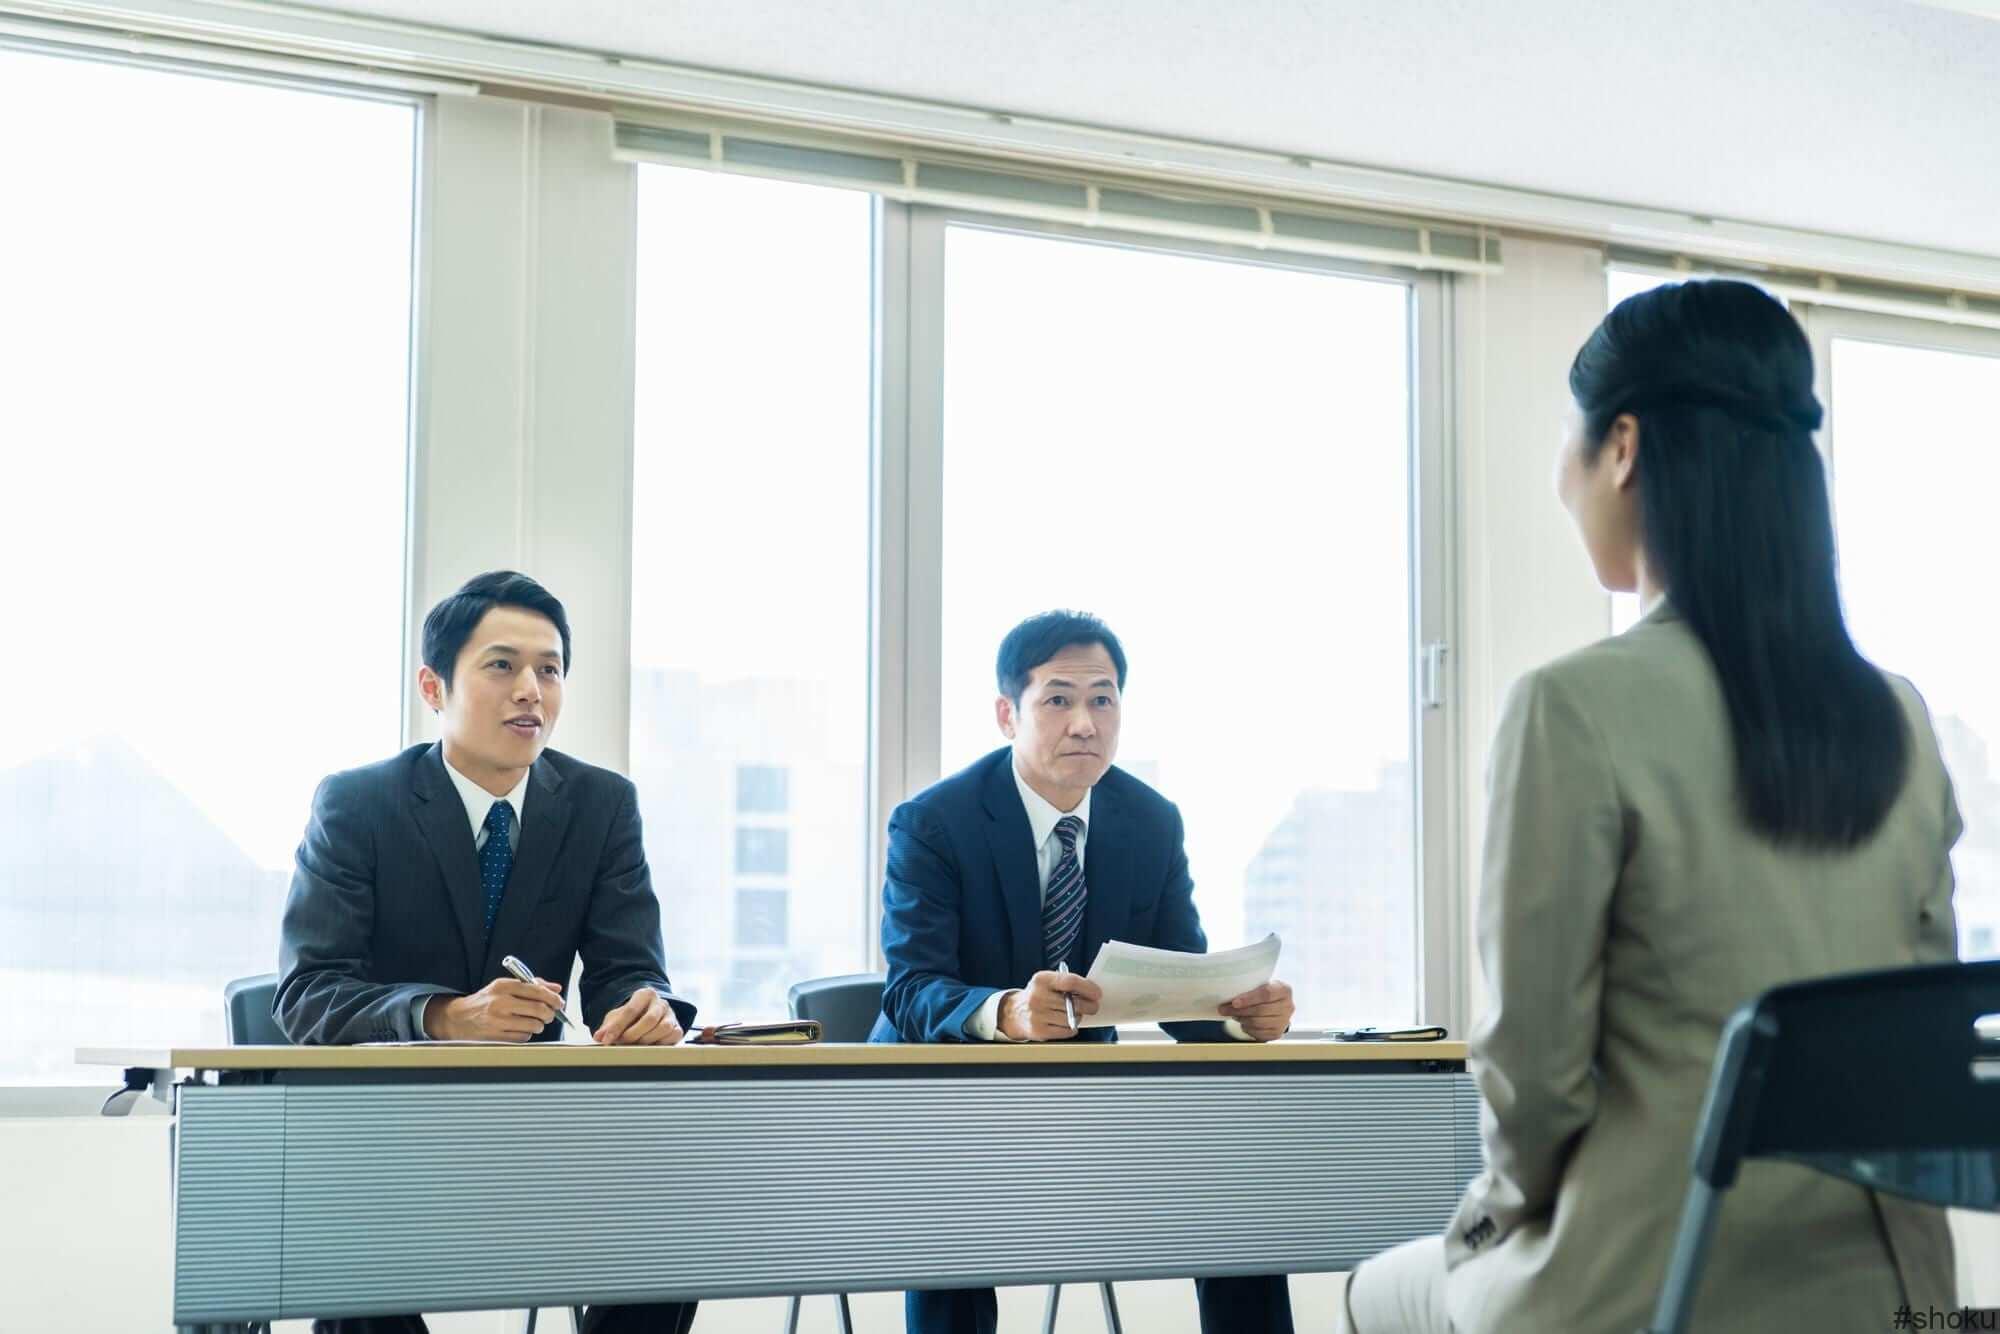 職務経歴書を提出して経理の仕事の面接を受ける様子